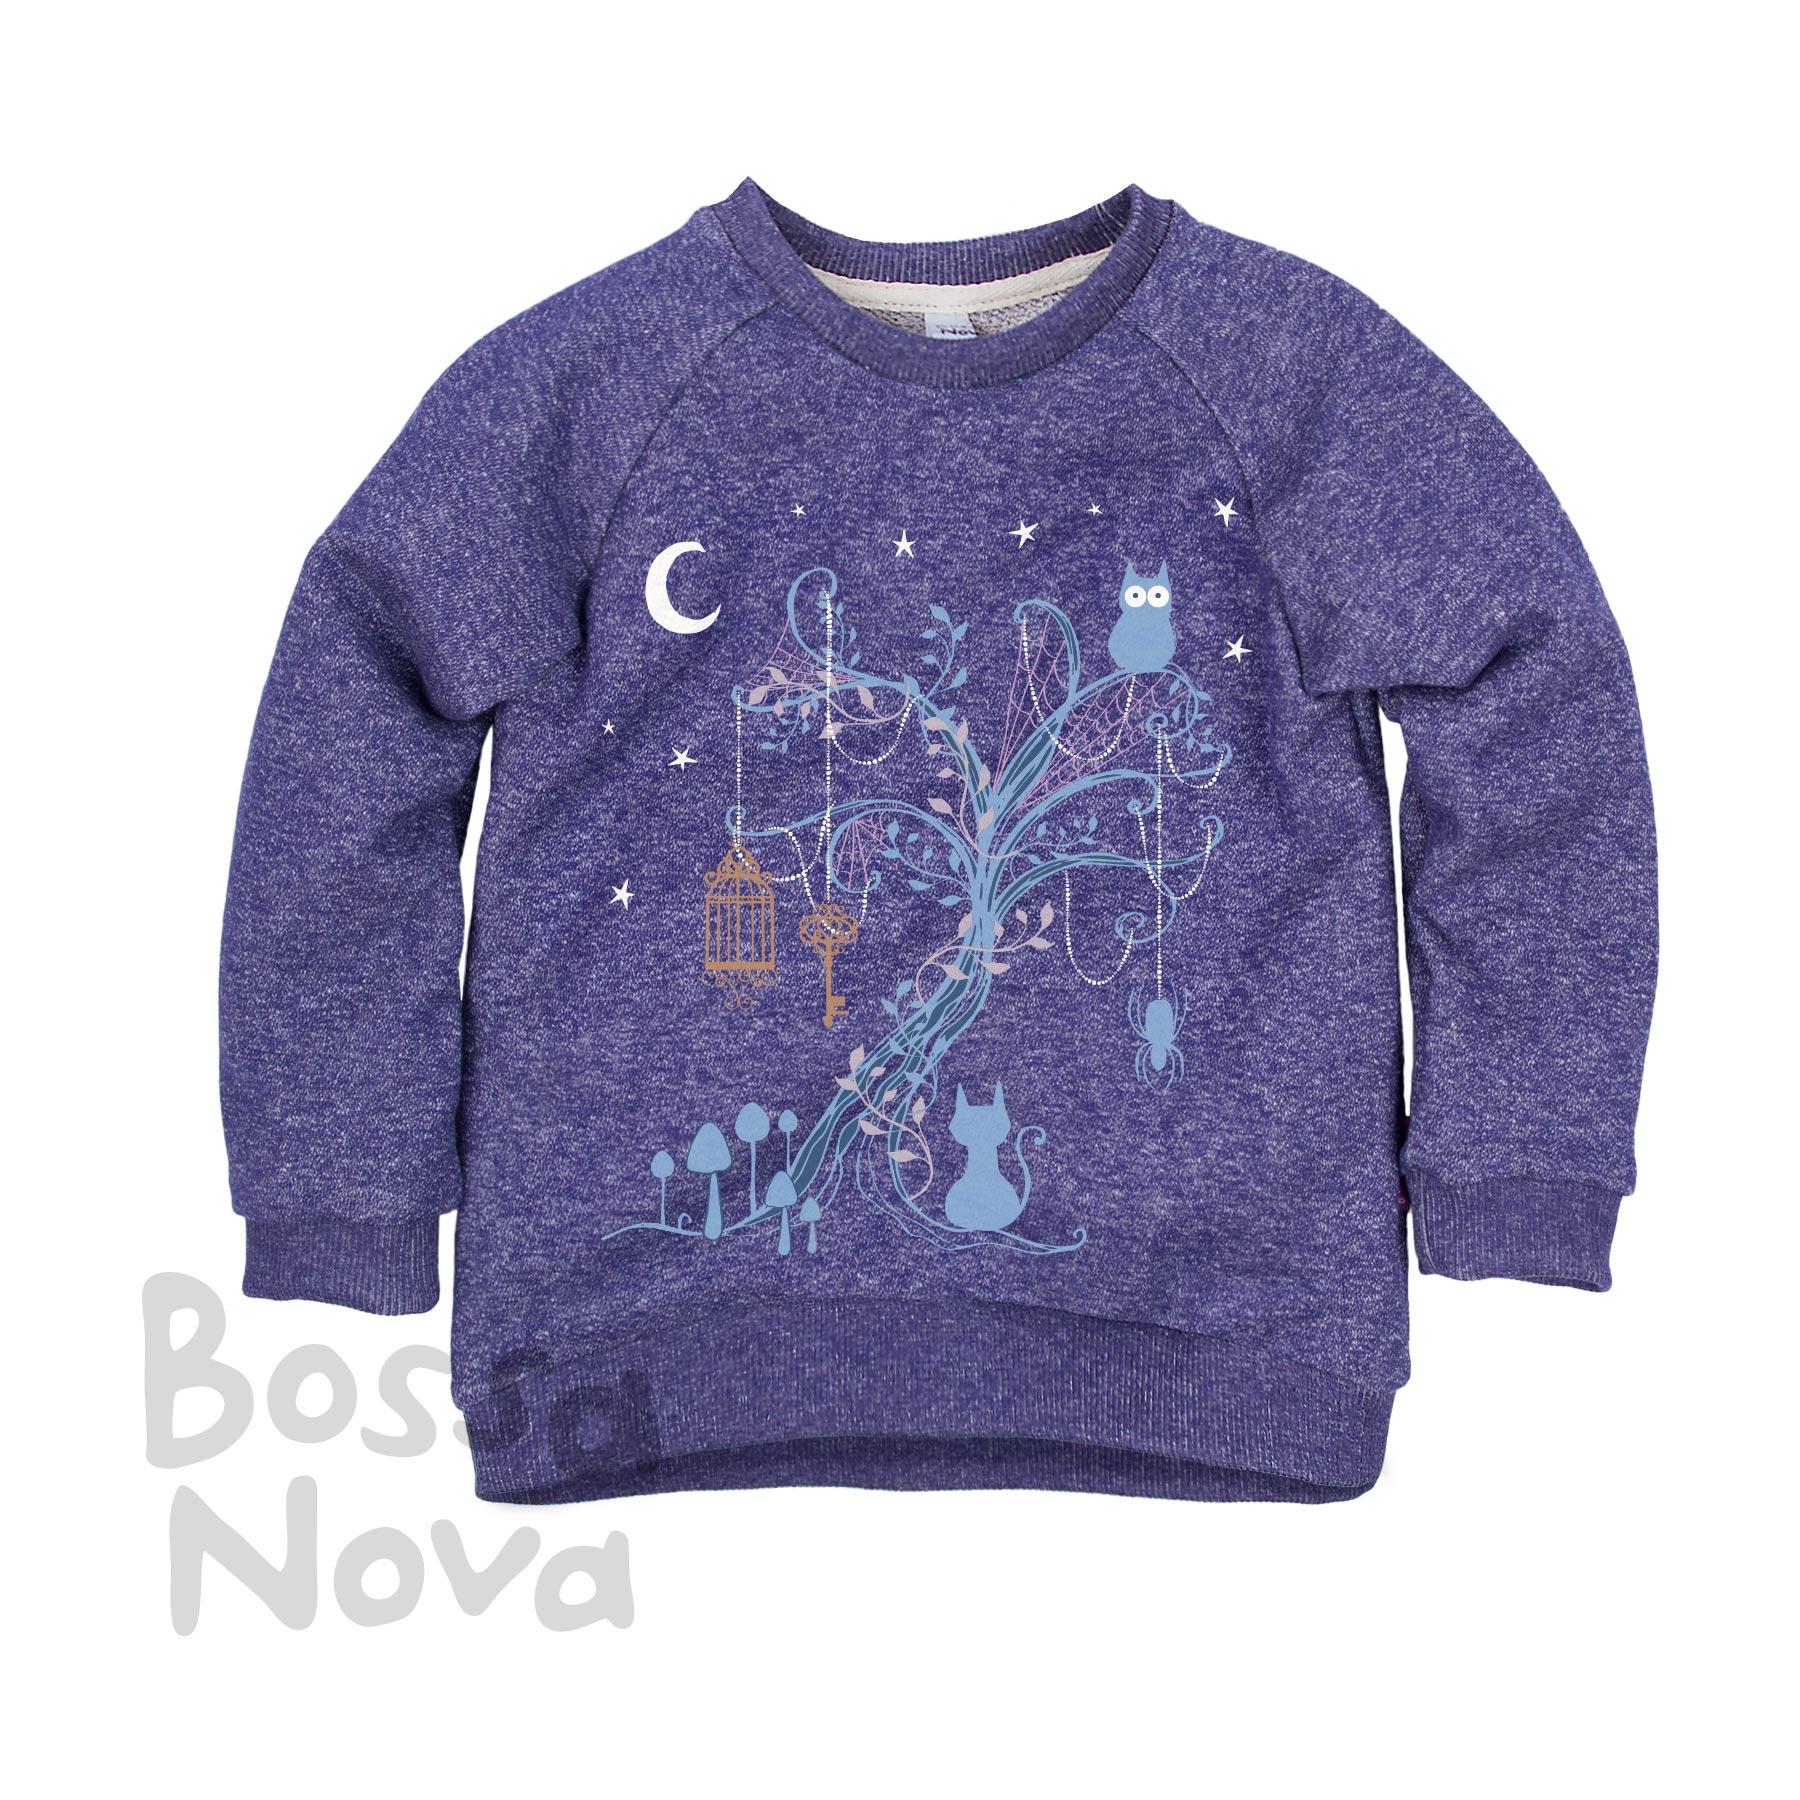 Сбор заказов. Детская одежда Bossa Nova. Европейское качество и дизайн по российским ценам. Новинки!!! Выкуп 4.